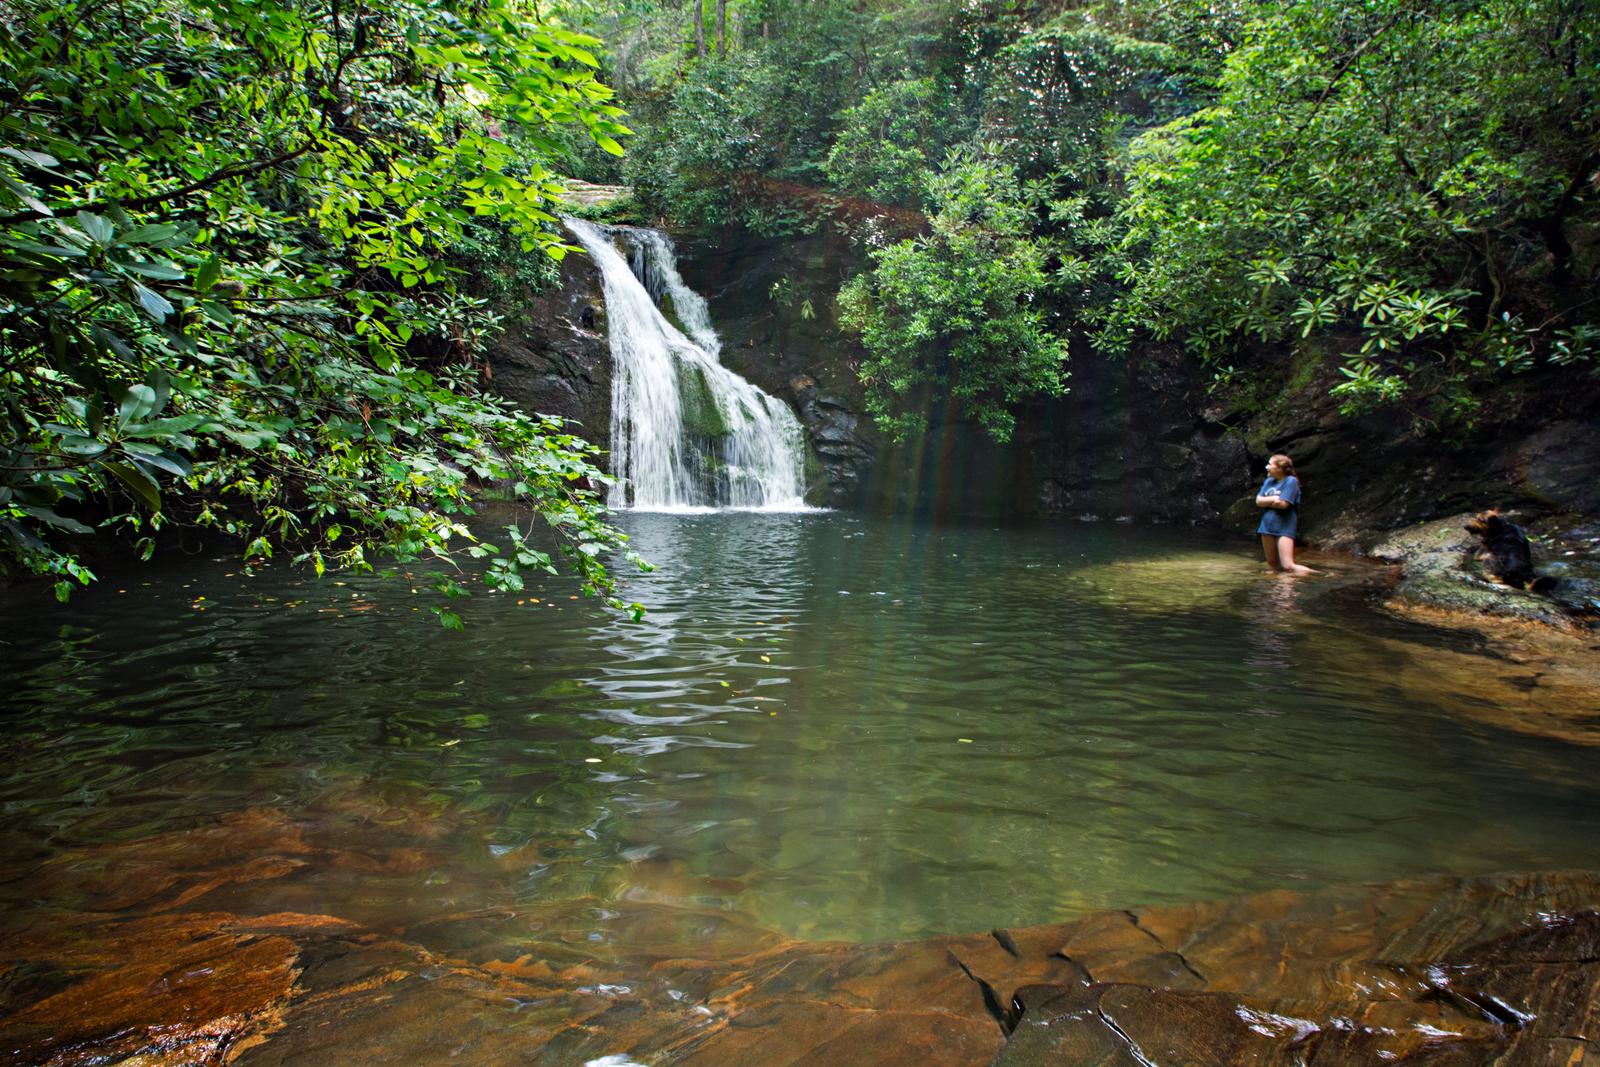 Lake Chatuge Waterfalls